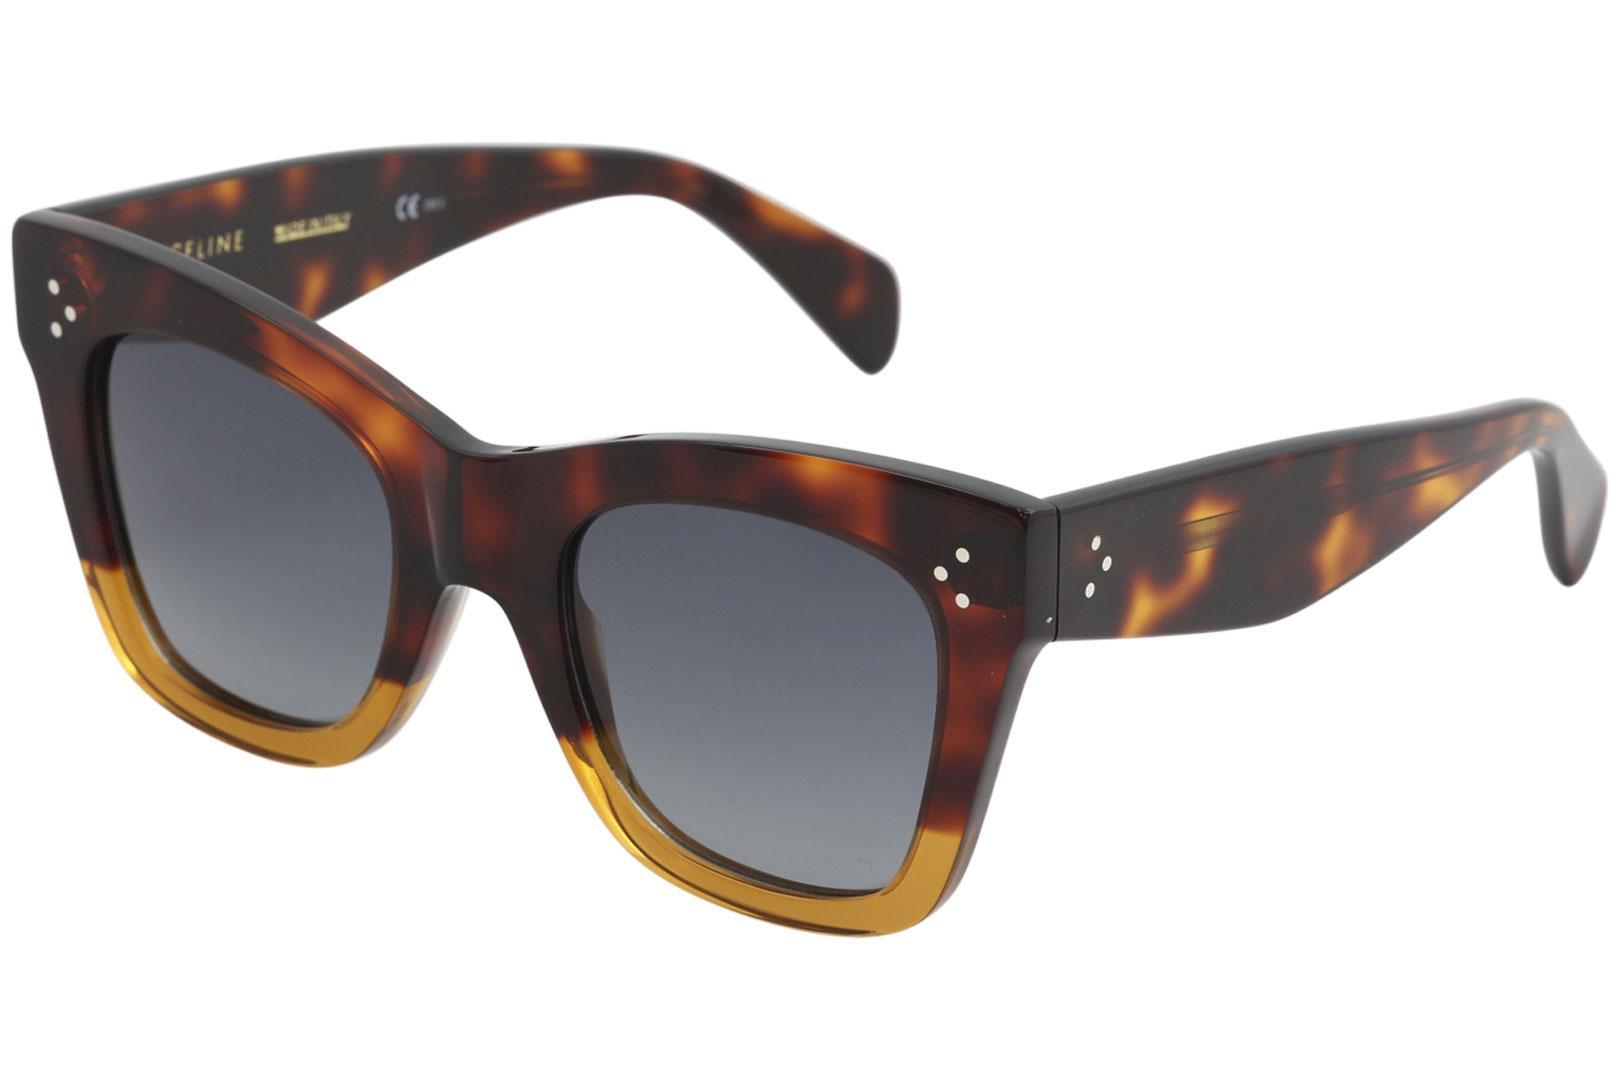 027b63a0668 Details about Celine CL 41090S 41090 S 233 HD Havana Brown Fashion  Sunglasses 50mm